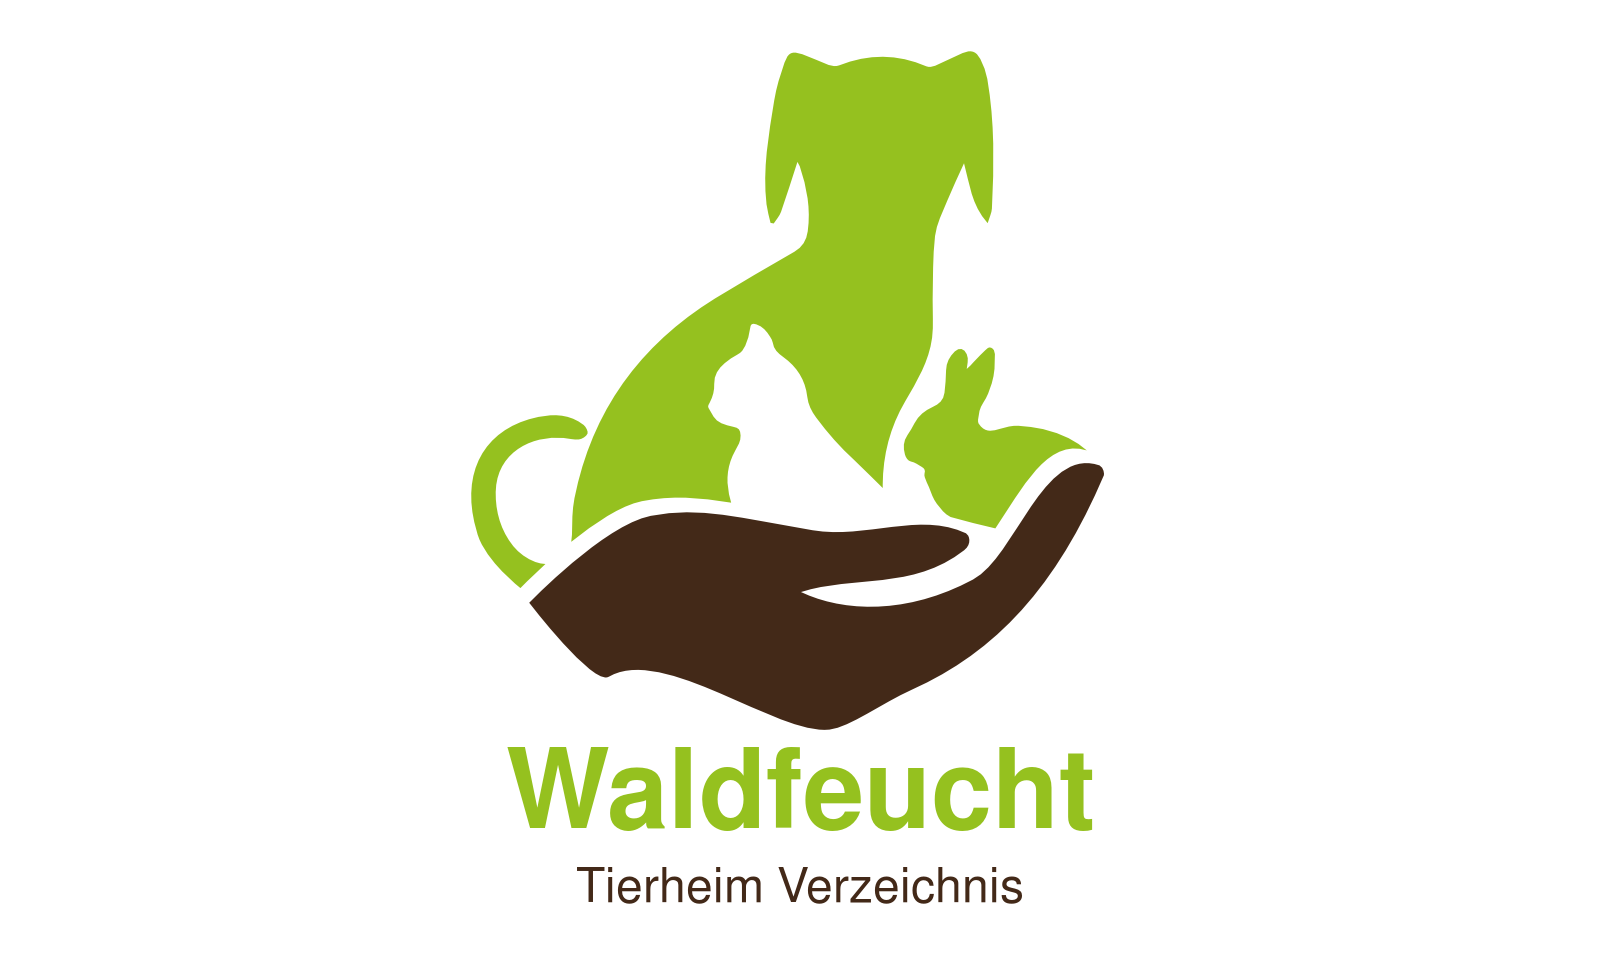 Tierheim Waldfeucht